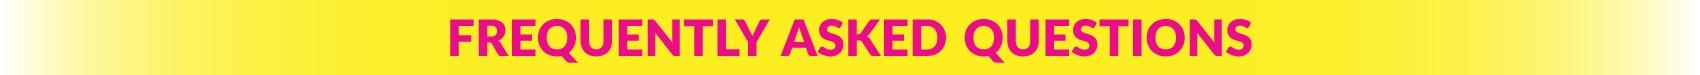 FAQ-header_1700x75